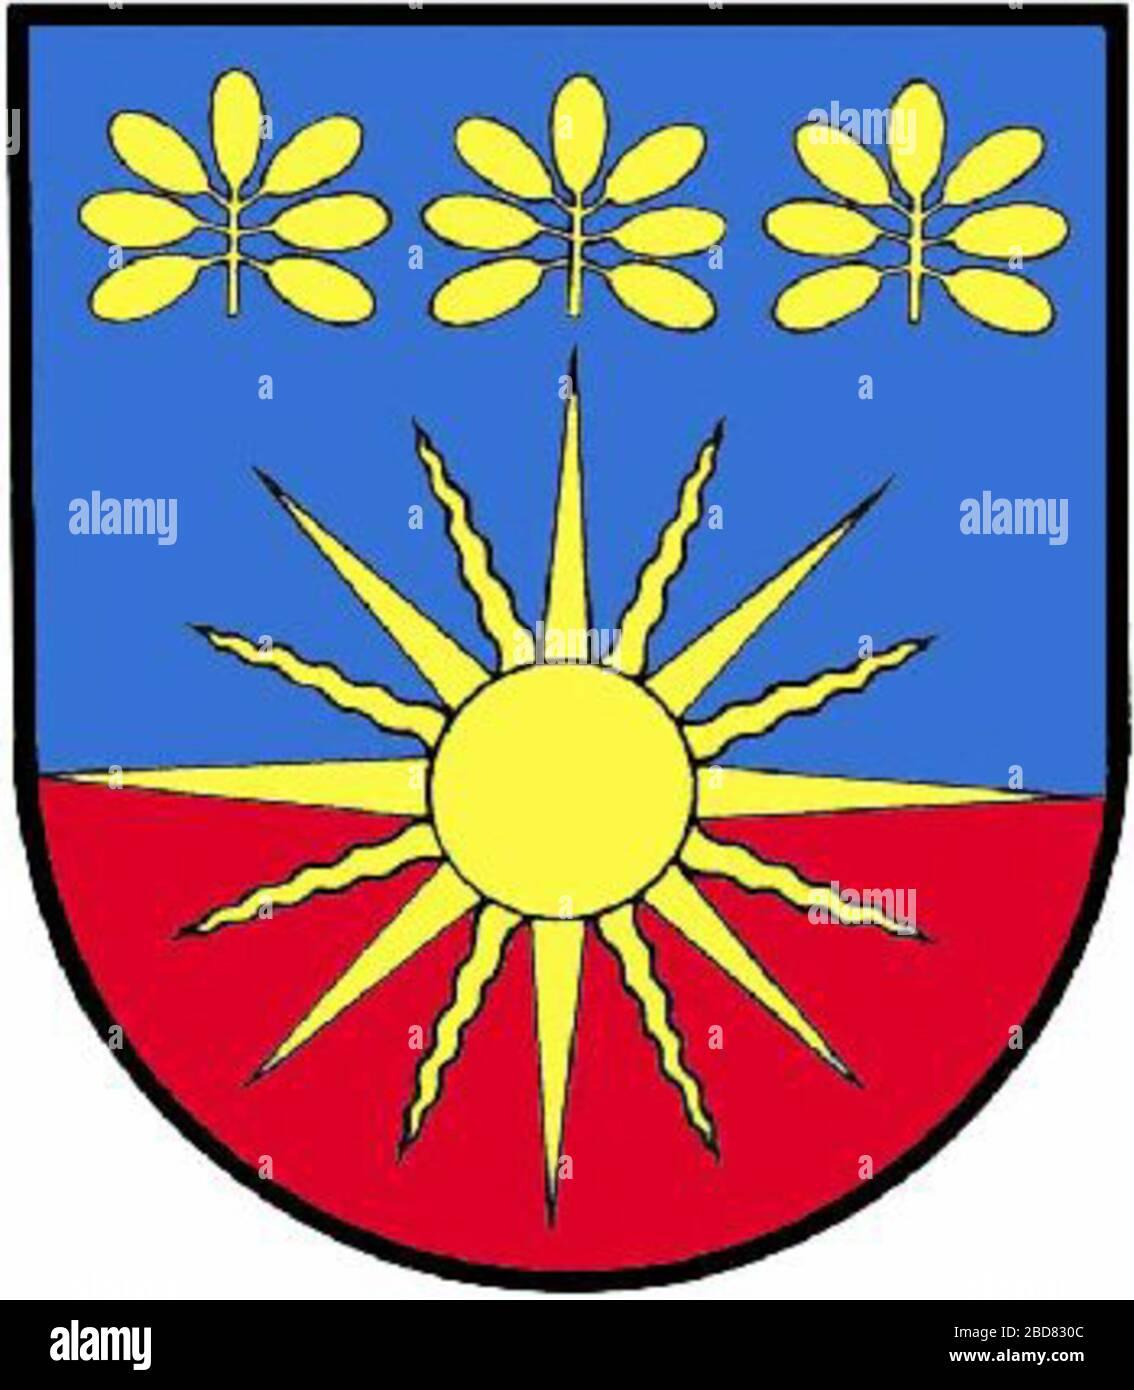 """""""Weitersch: Wappen der ehemaligen Gemeinde Saifen-Boden, Steiermark Englisch: Wappen der ehemaligen Gemeinde Sonnhofen, Styria; Unbekanntes Datum; http://www.ngw.nl/int/oos/s/sonnhofen.htm; Unbekannter Autor; ' Stockfoto"""